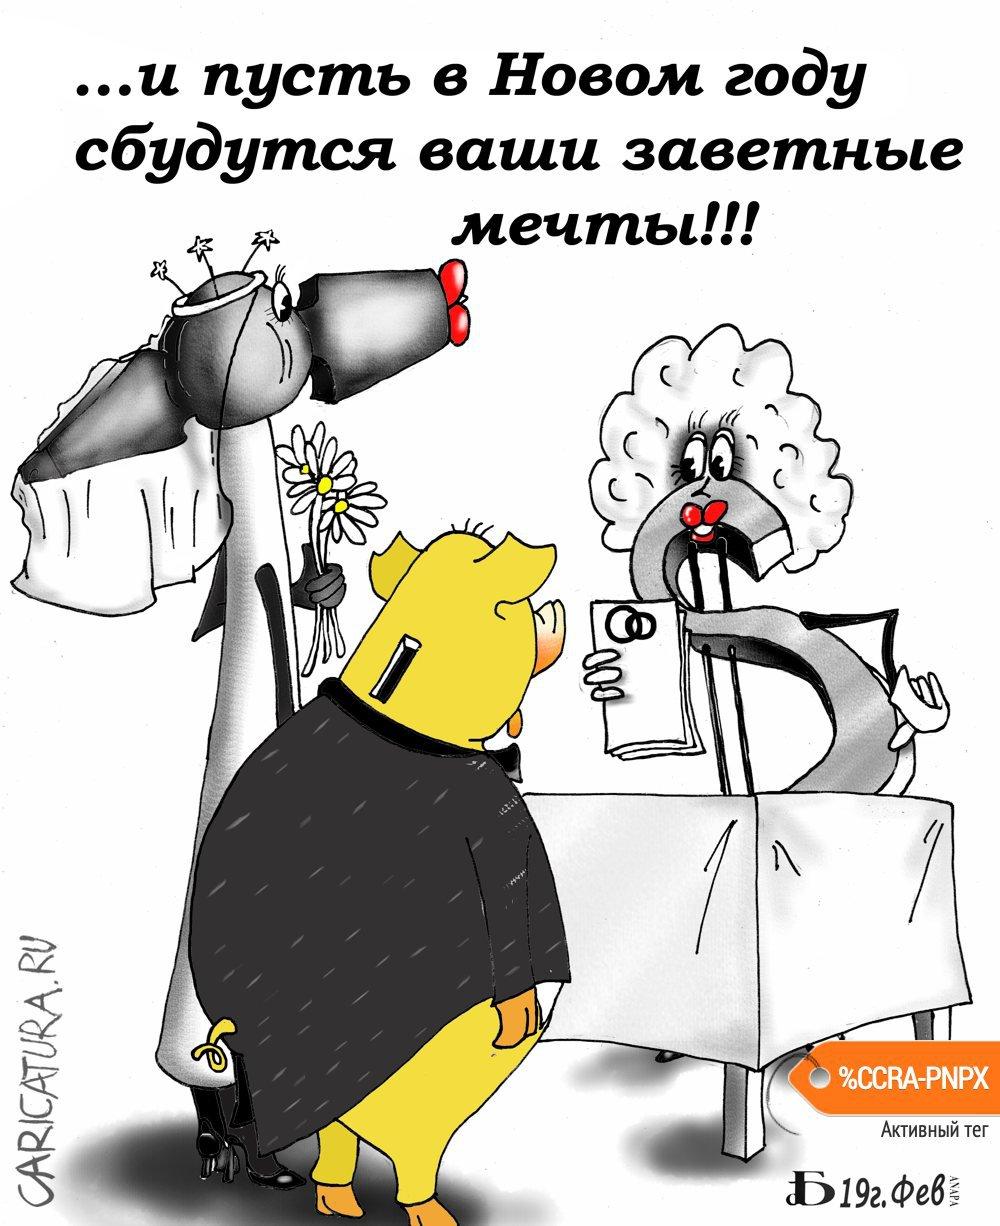 Про заветные мечты, Борис Демин